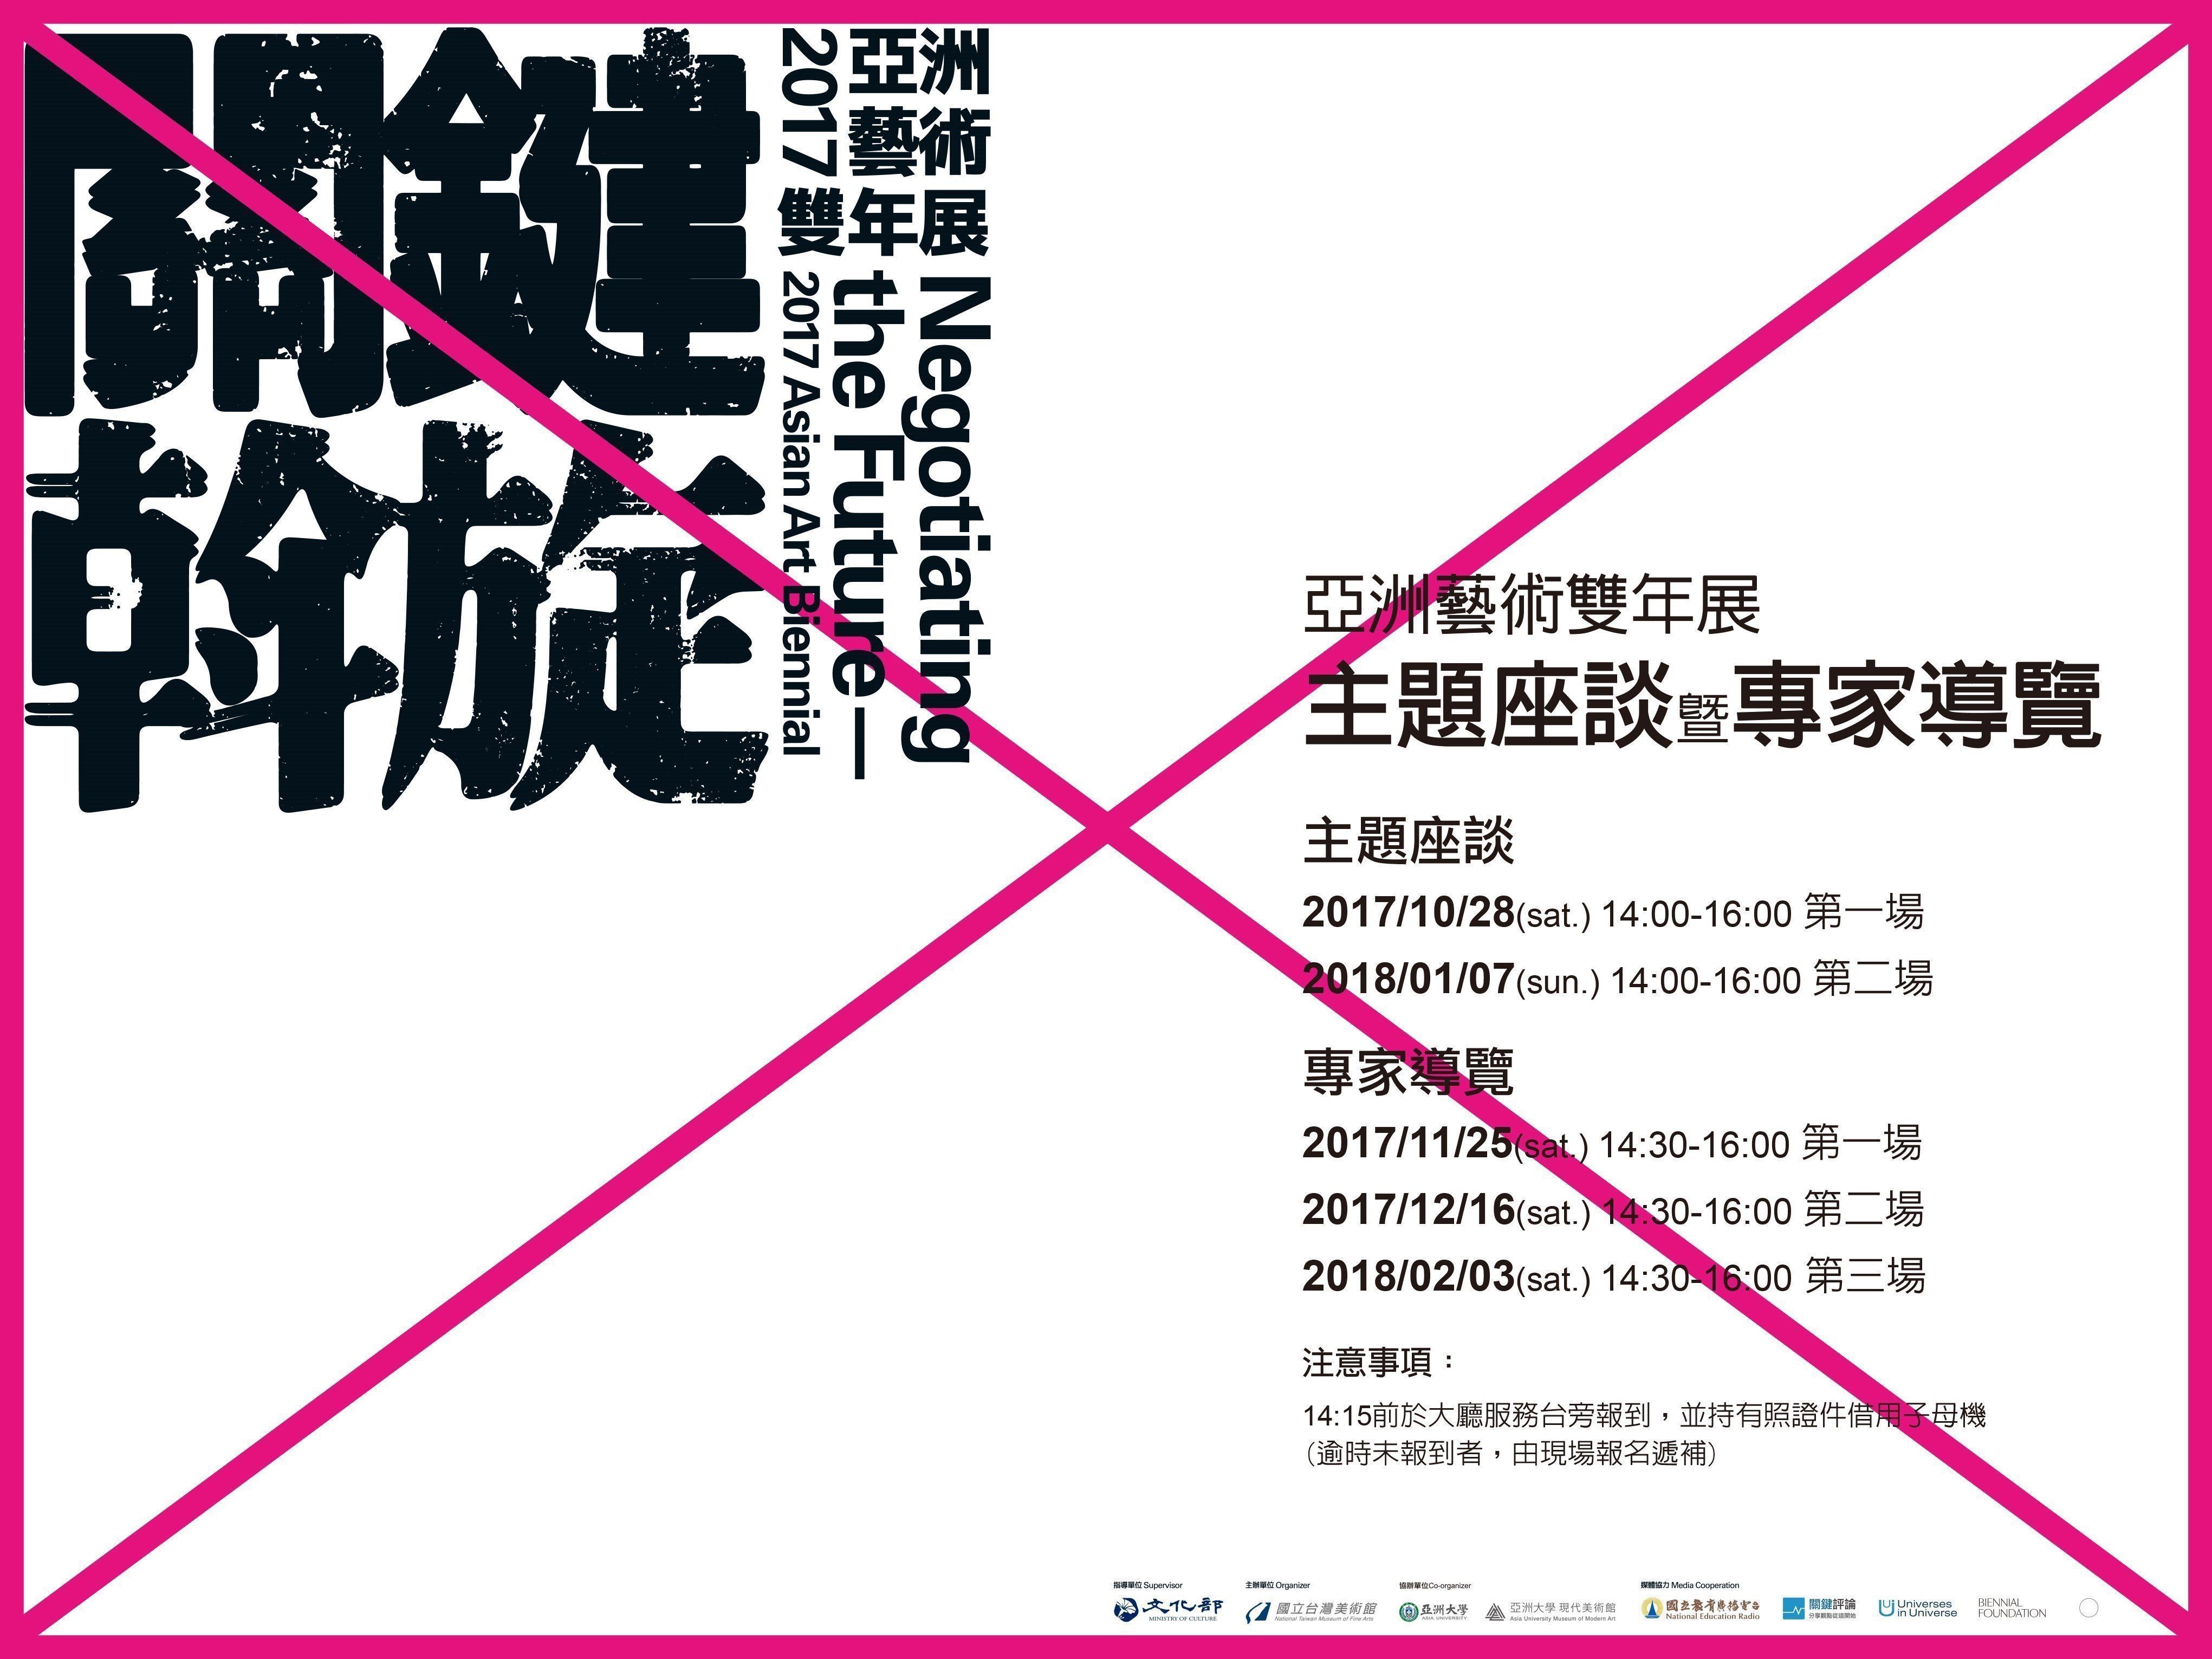 2017亞洲藝術雙年展主題座談暨專家導覽[另開新視窗]